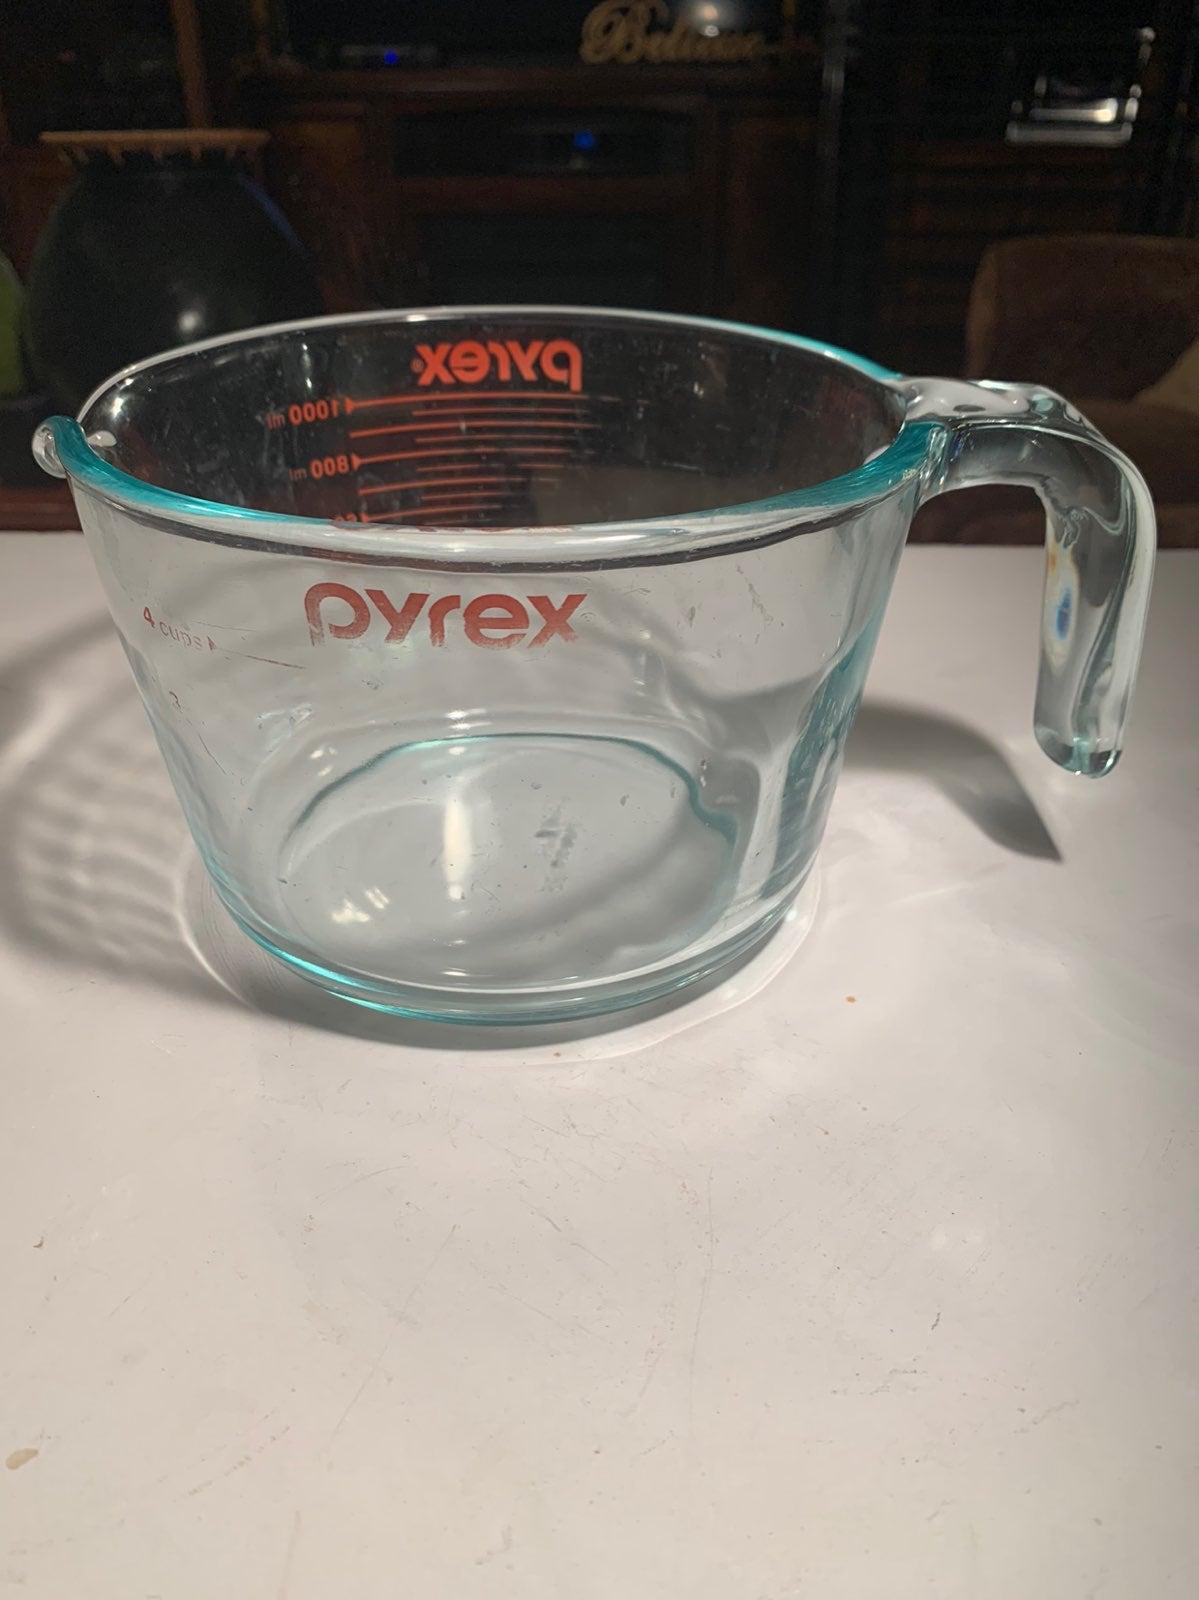 Pyrex Glass Measuring Bowl